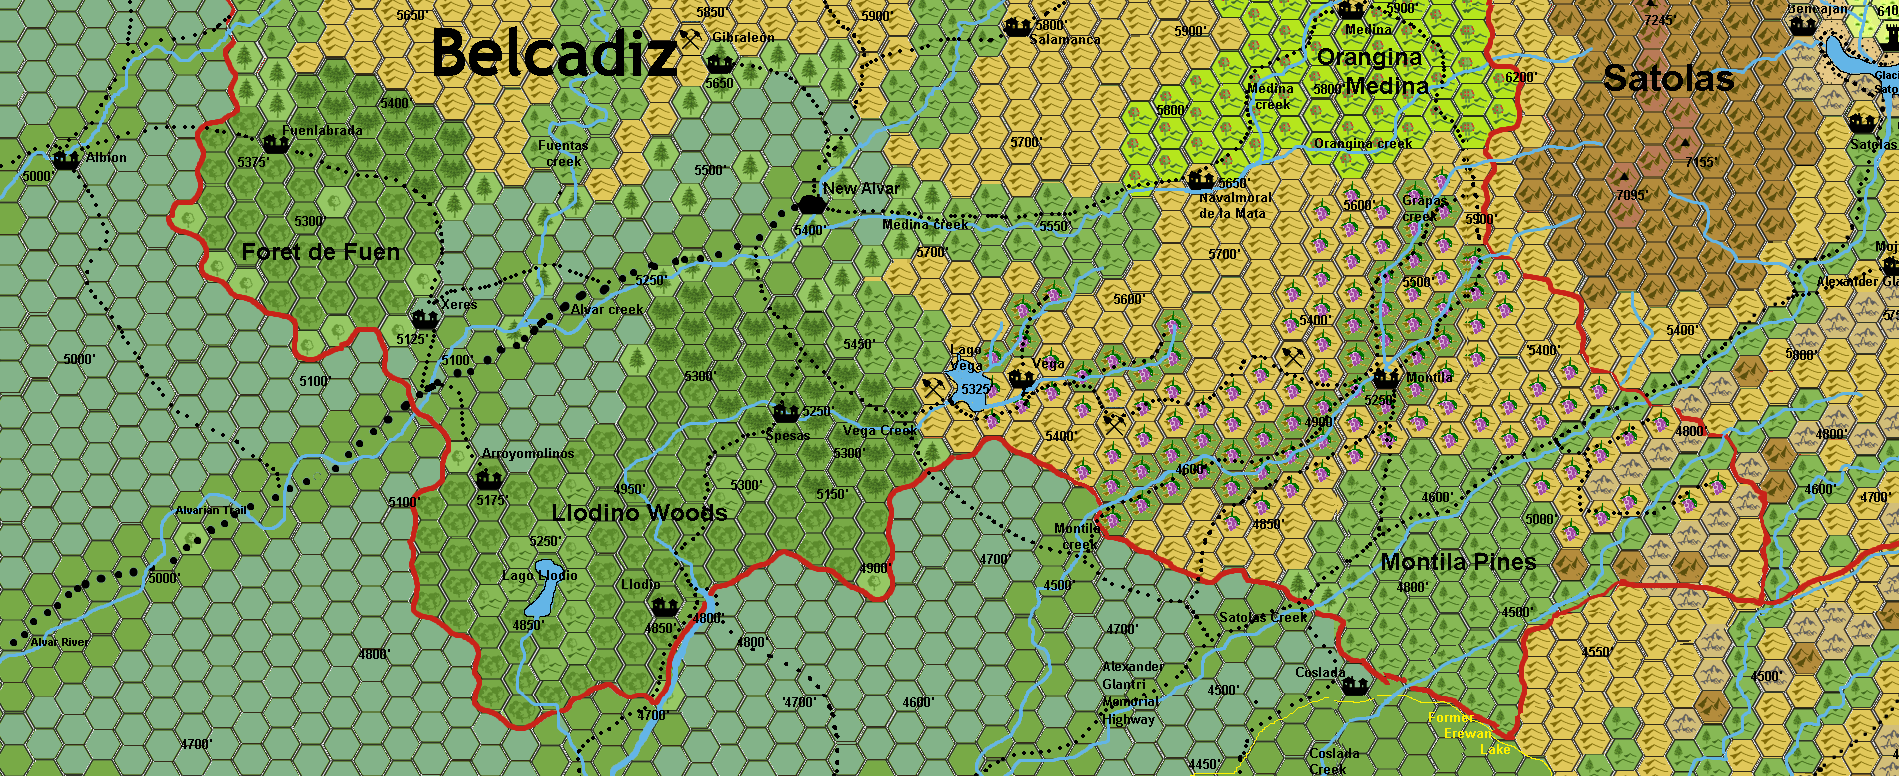 Southern Belcadiz by 6inchnails